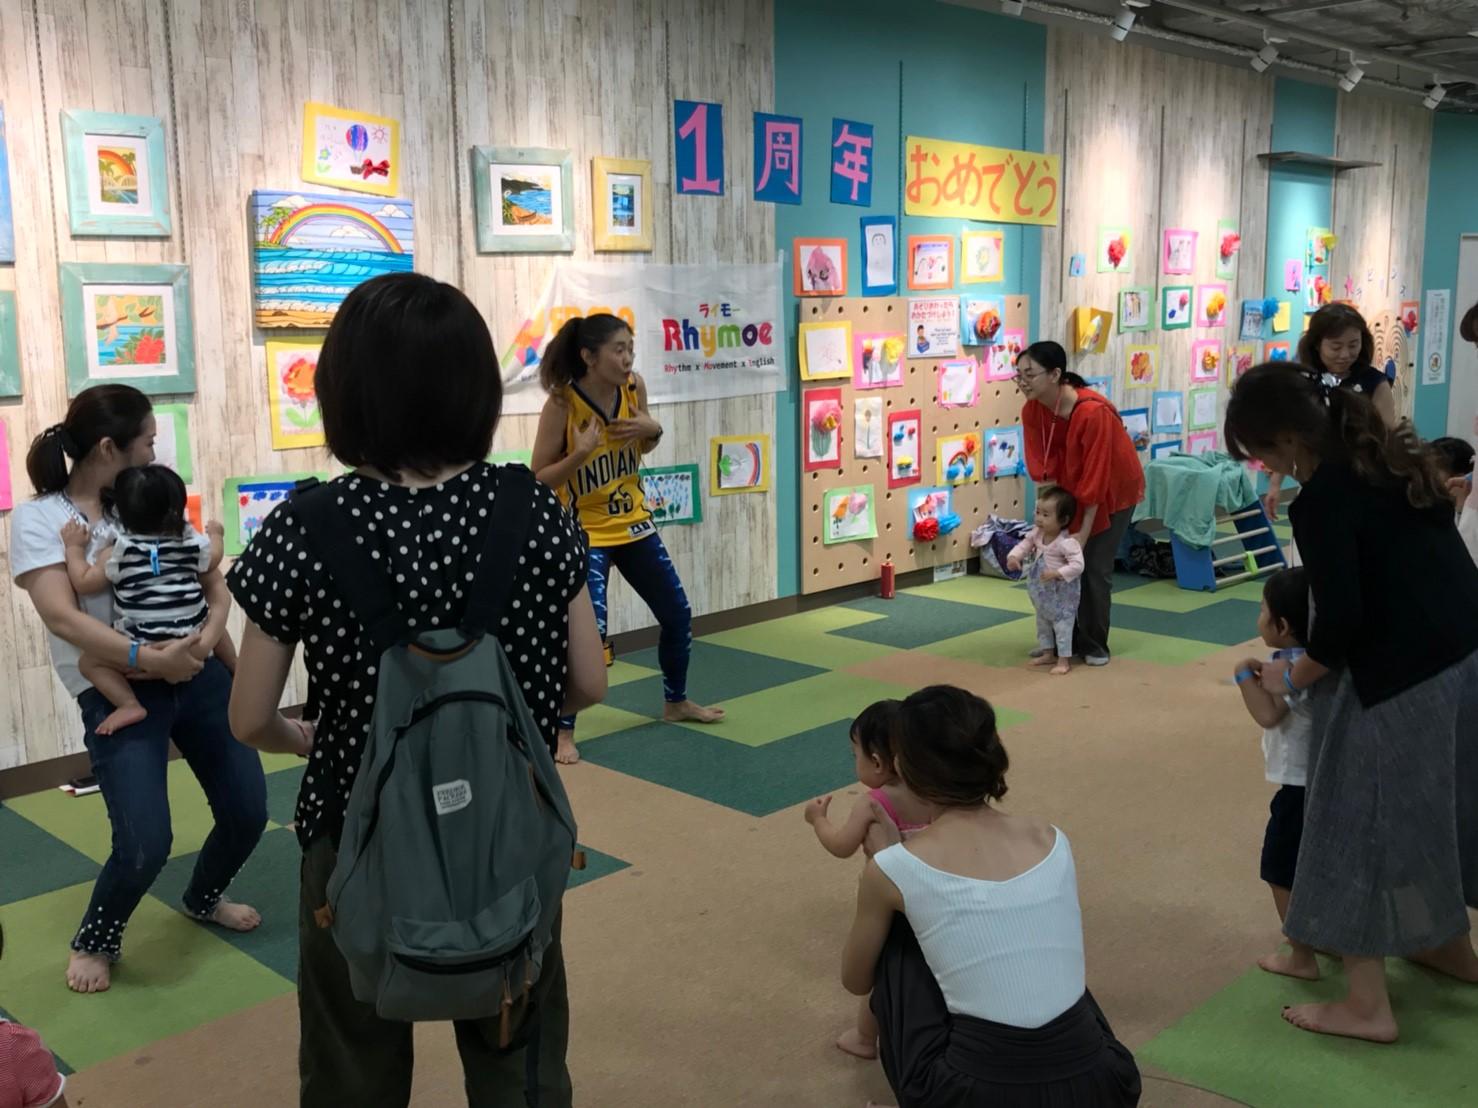 Rhymoe体験会リポート@アネビートリムパーク神戸